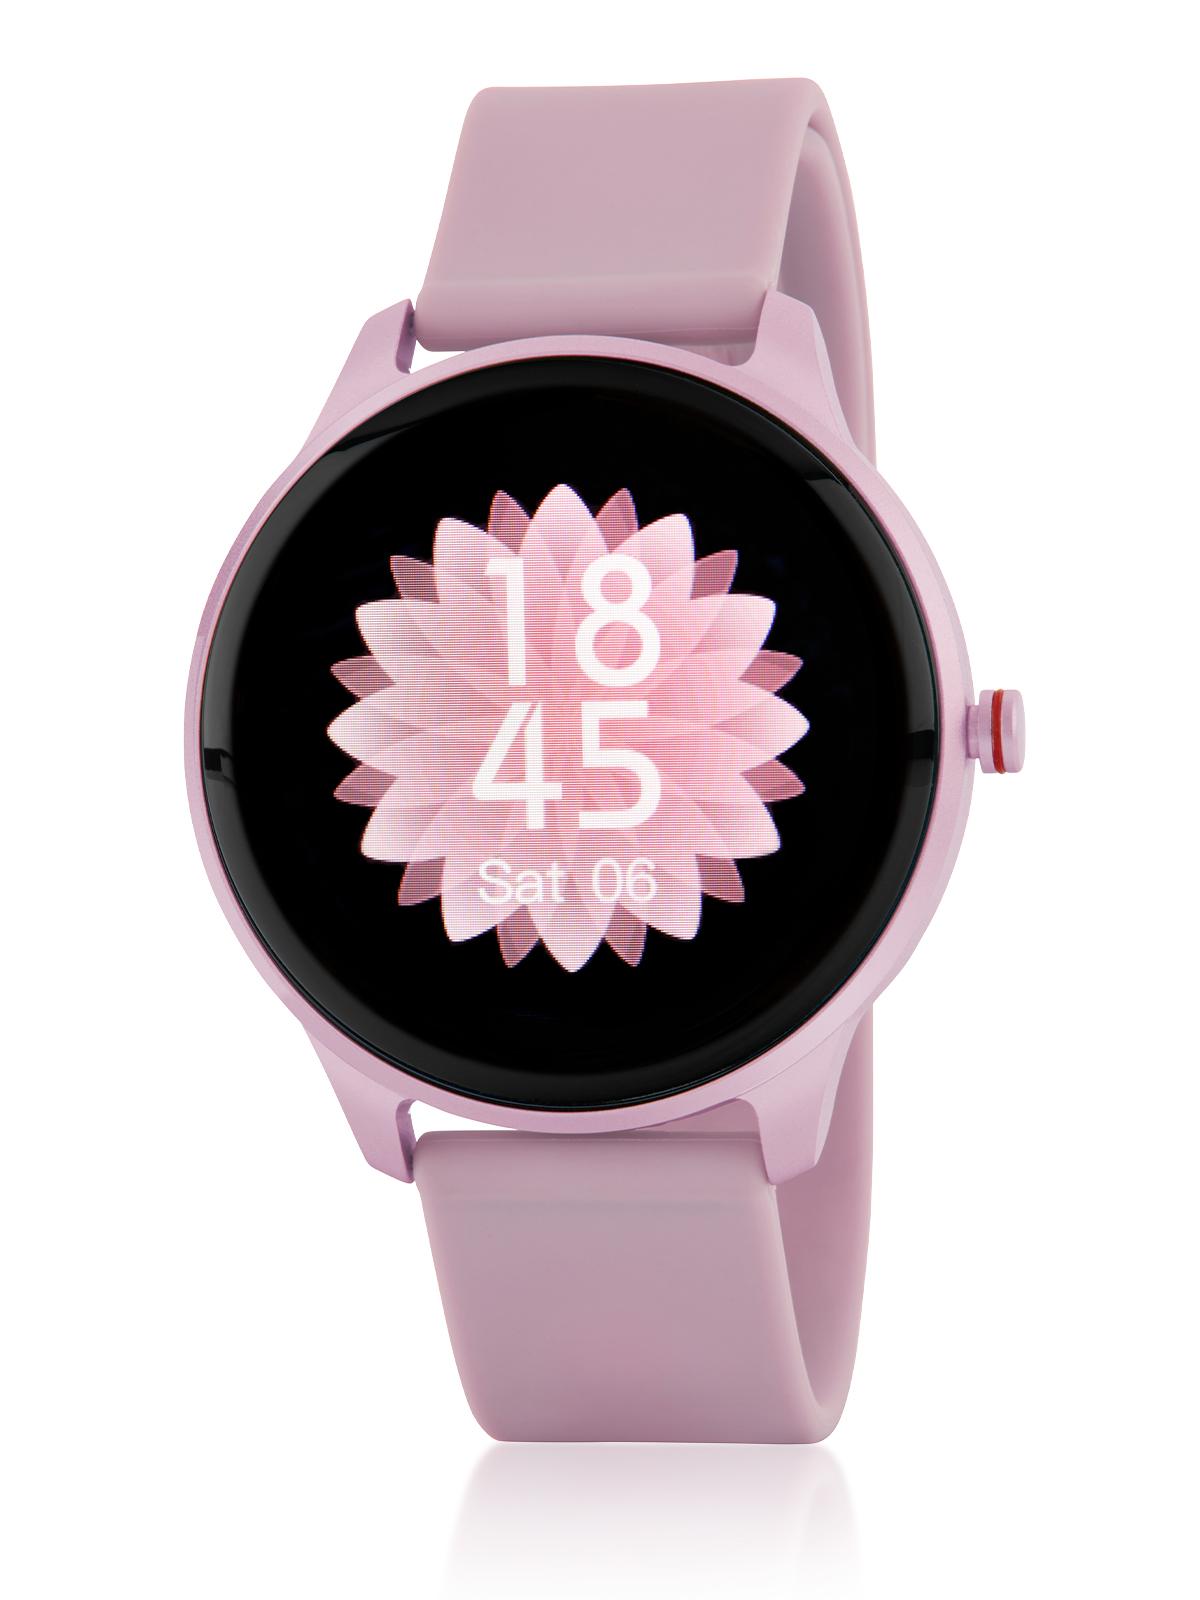 Reloj Smartwatch Marea B61001/1 color Negro con pantalla de 1,28 pulgadas, batería de 280 mAh, ( 7 días de uso y 15 días en Standby). Tamaño de la caja 44x44x10,8 mm. Impermeabilidad Ip 68, (resistente al agua). Los Smartwatch aún siendo resistentes al agua hay que tener especial cuidado con el vapor del agua caliente ya que puede filtrarse por los conductos de carga de la batería. Con este nuevo modelo de Smartwatch tienes el control sobre la imagen de la pantalla de inicio, pudiendo elegirla a tu gusto desde cualquier foto. Para mayor información sobrel el smartwatch o su configuracíon pinchen AQUÍ. Estas serían algunas de sus funciones: Información sobre calorías consumidas Distancia recorrida Establecer meta de pasos Pasos Monitorización del sueño Frecuencia Cardiaca Prueba automática FC Presión Sanguinea Oxigeno en sangre Personalizar pantalla de inicio etc…